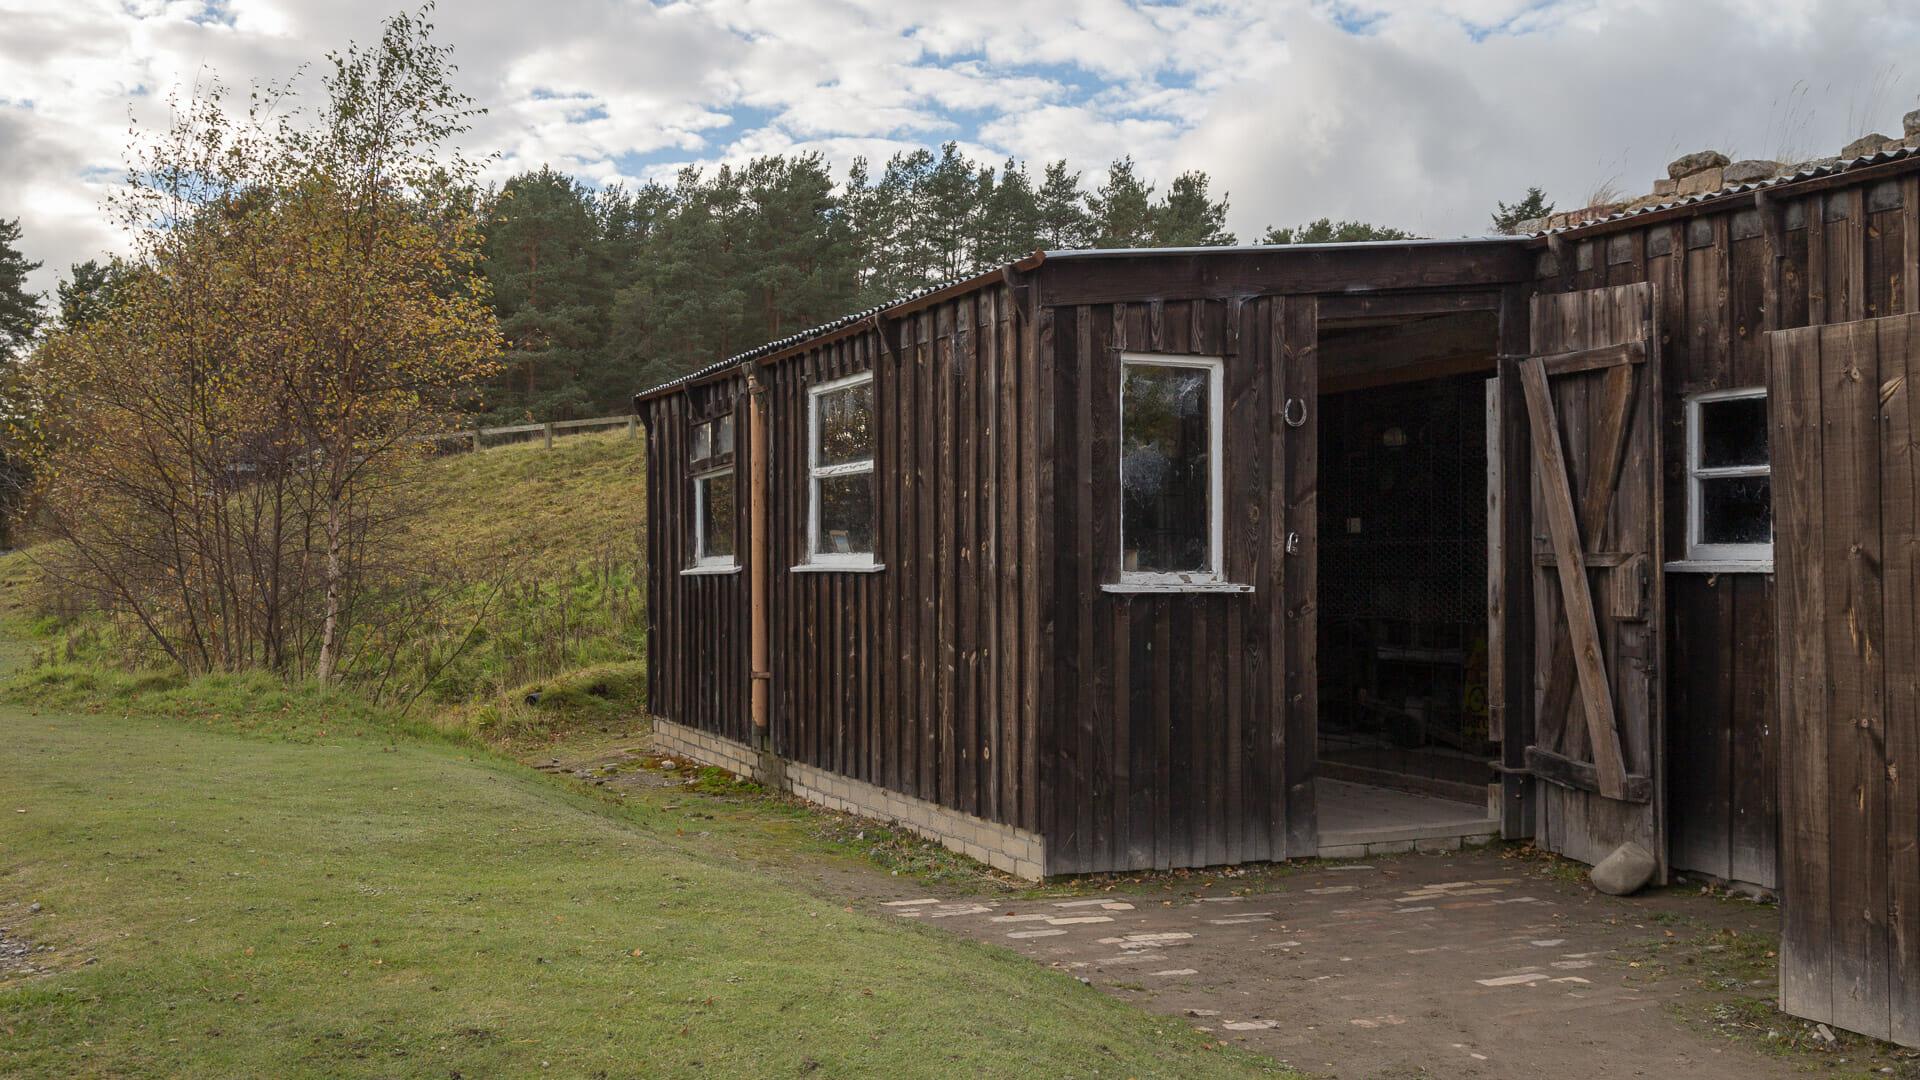 Uhrmacherhütte